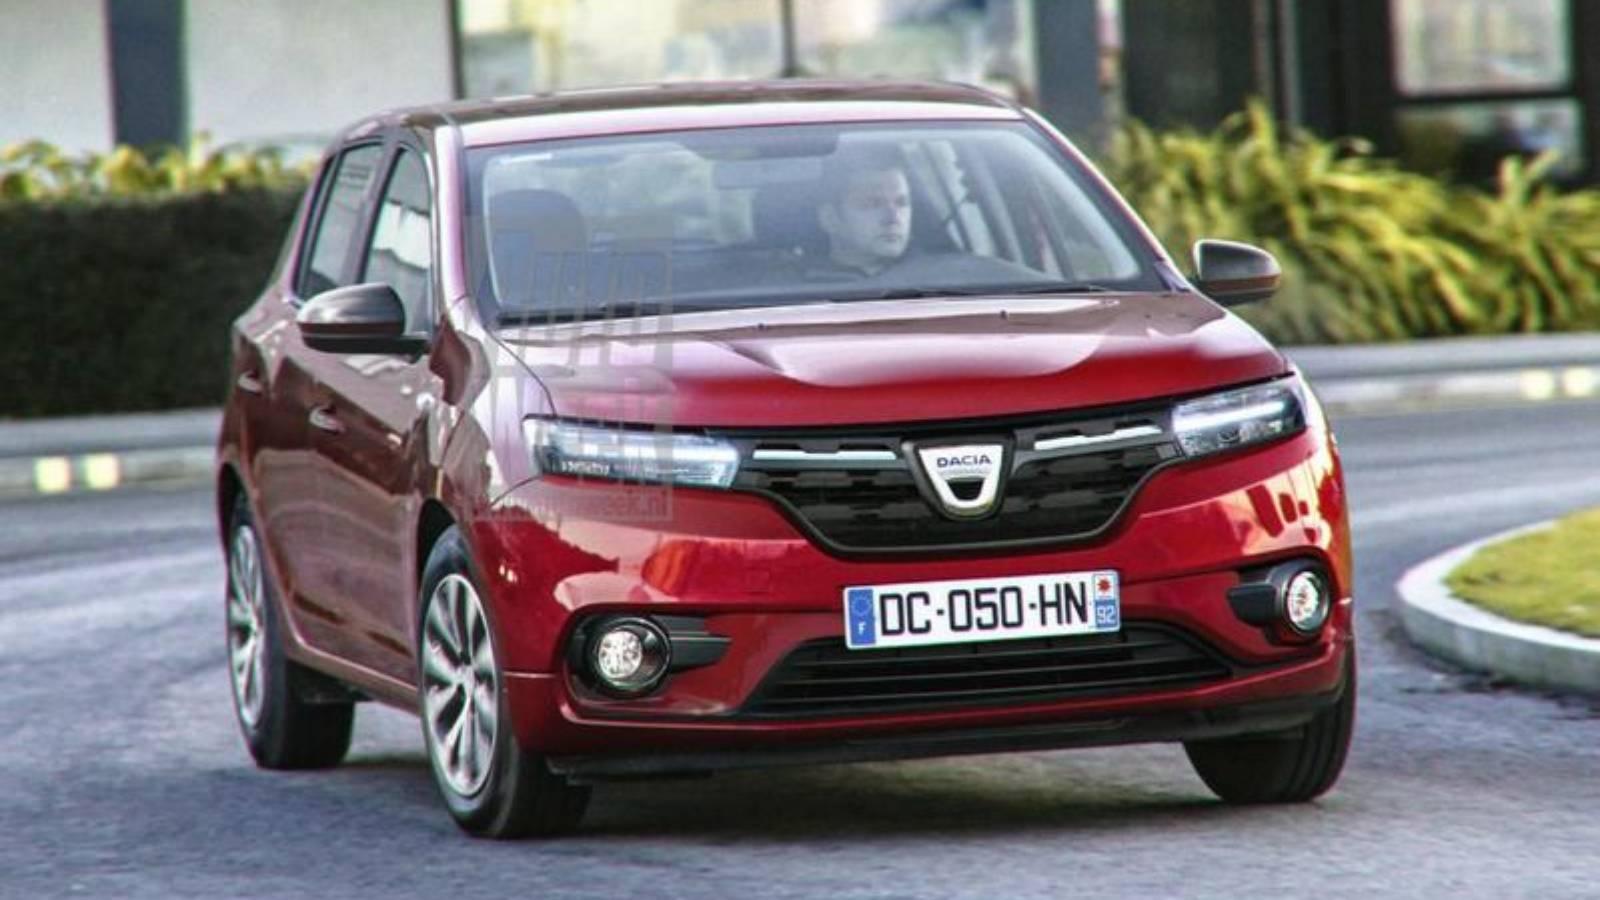 Cât costă o Dacia Logan vândută la o reprezentanță din Brazilia, în comparație cu România